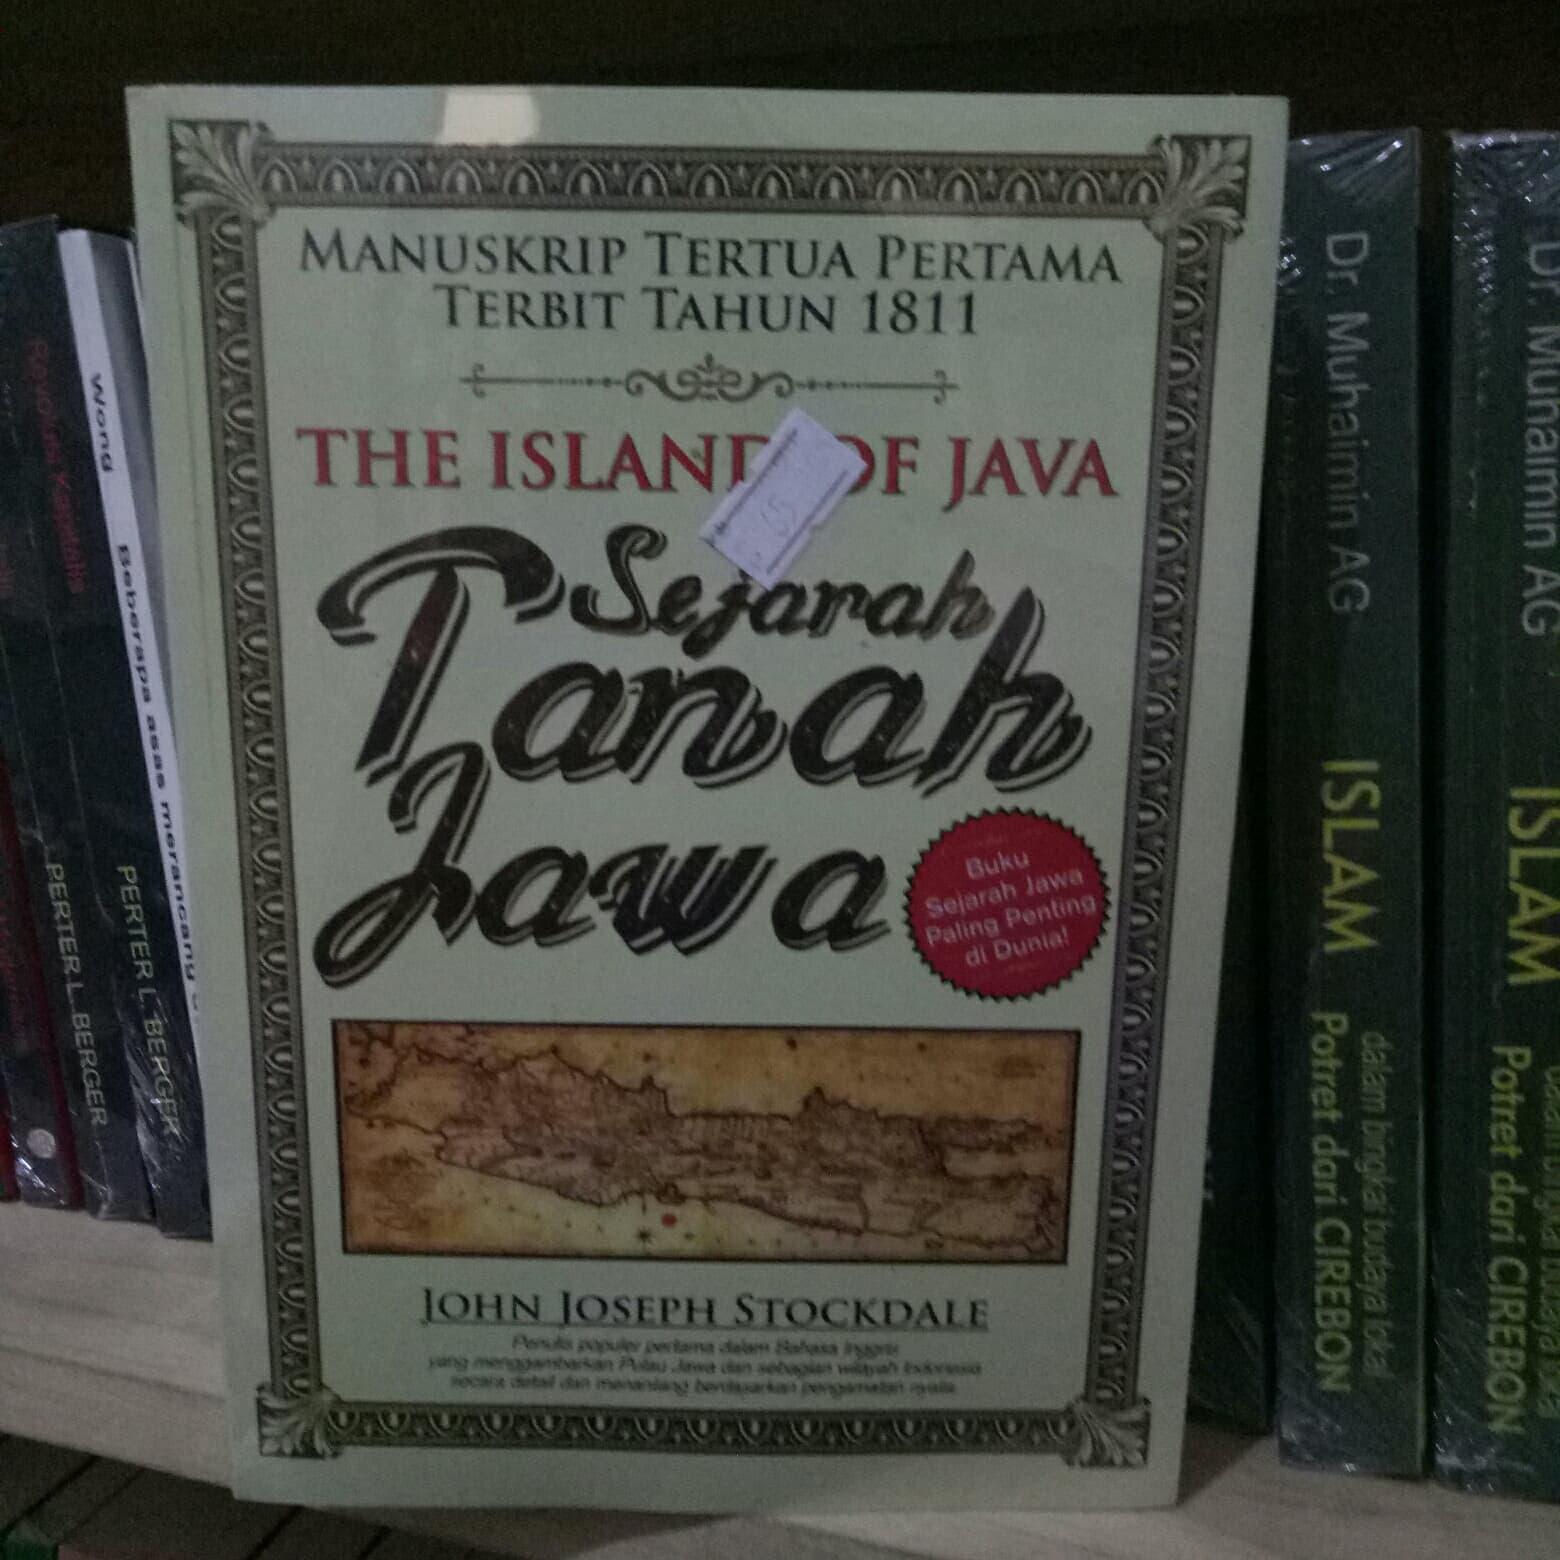 Jual Sejarah Tanah Jawa - John Joseph Stockdale - City Store Malang | Tokopedia